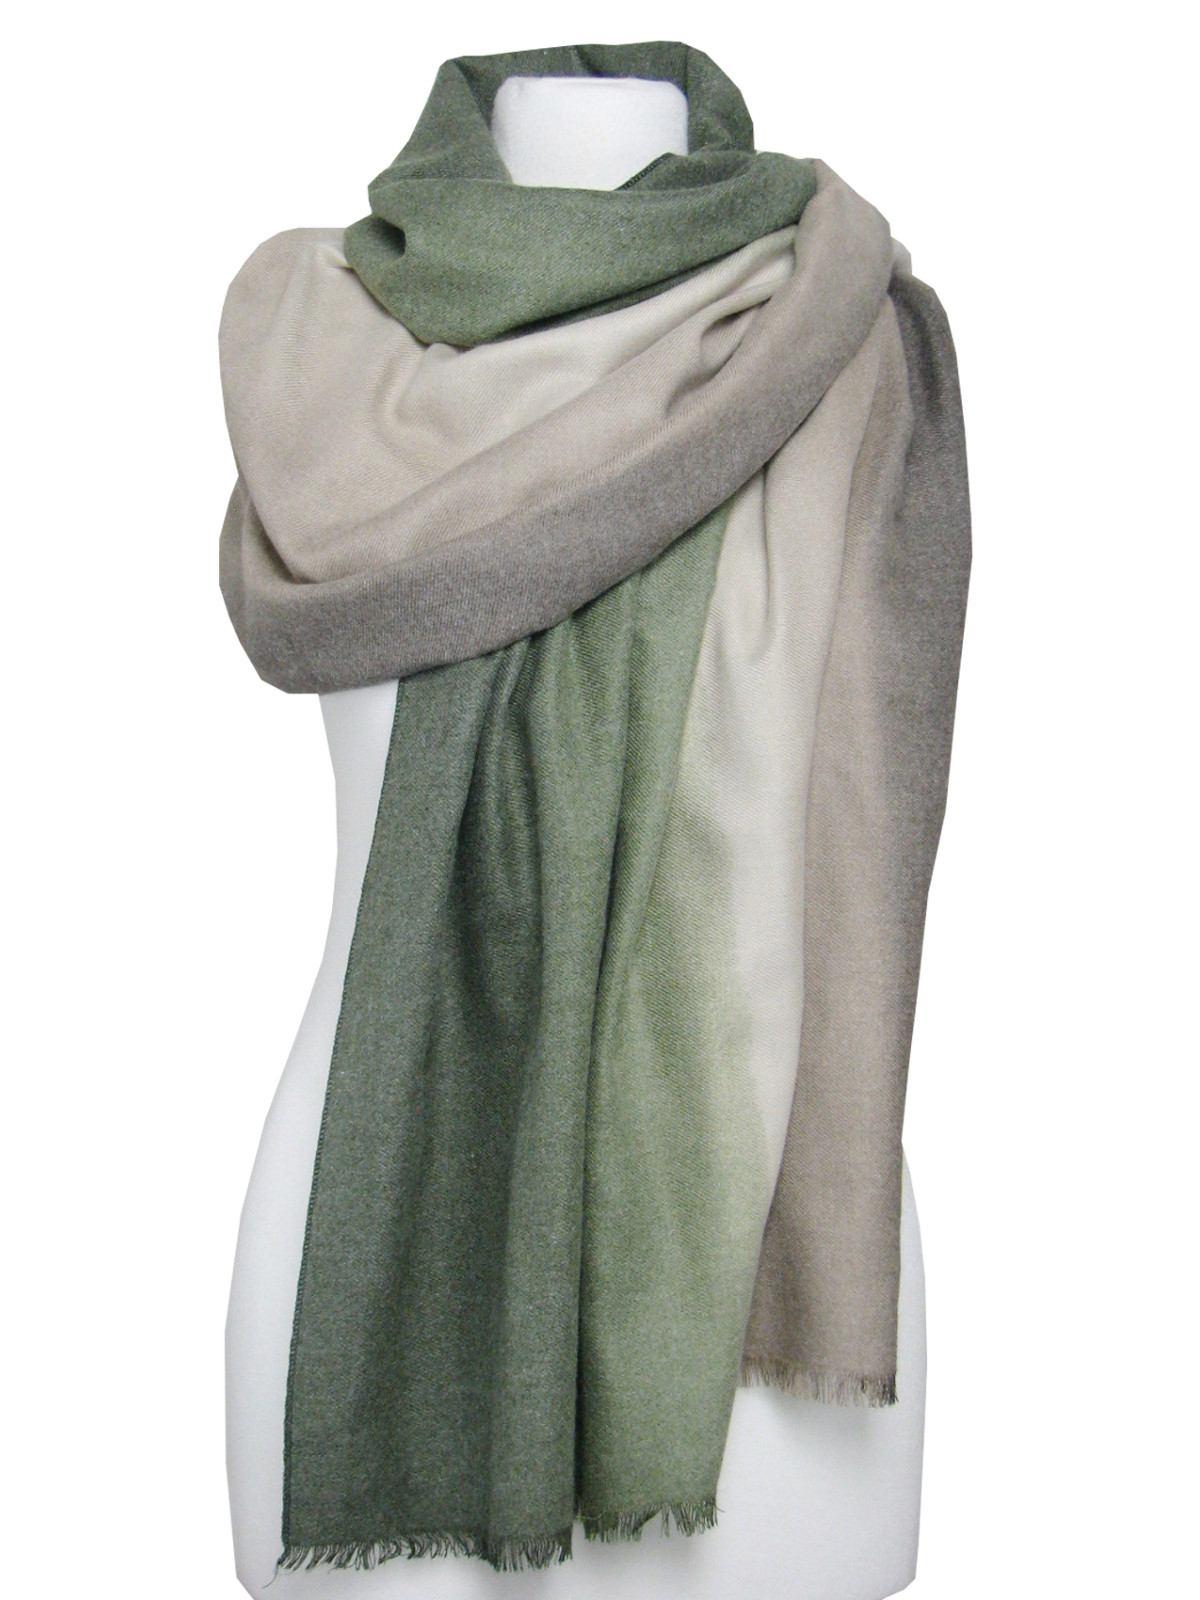 gutes Angebot heißer verkauf rabatt am billigsten XXL Schal Tuch Stola Farbverlauf mit Fransen Mehrfarbig, Oliv-Braun